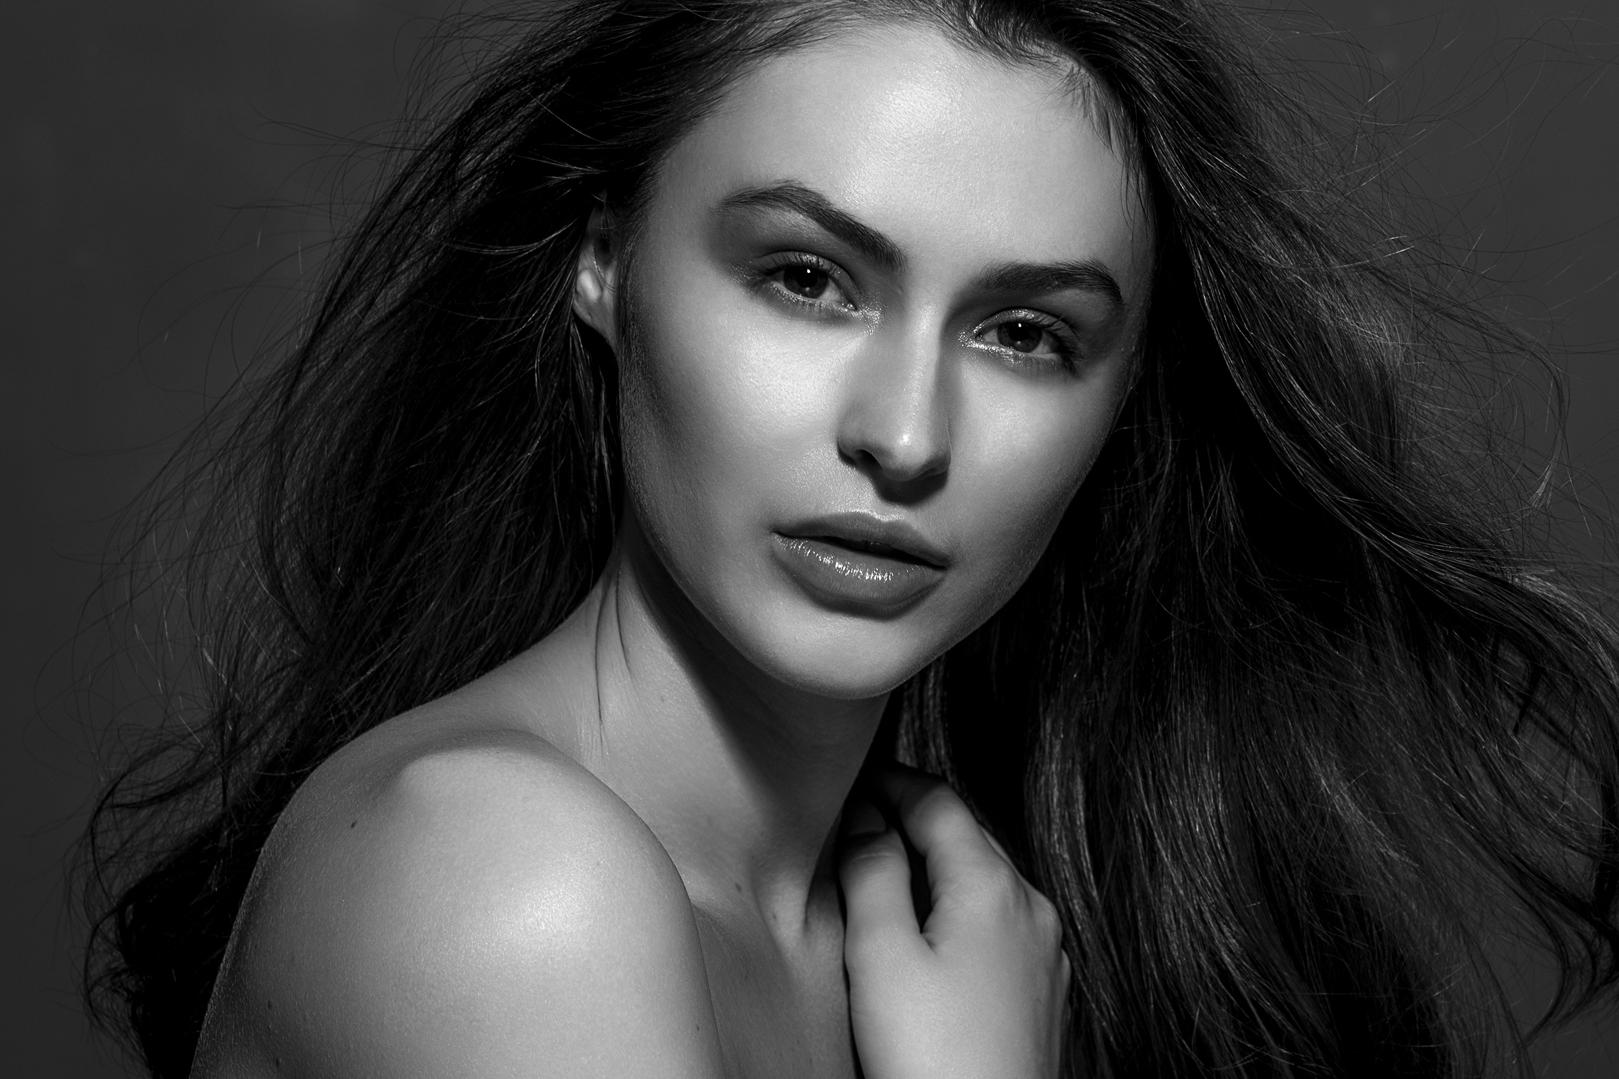 Katie - Chic Models Brisbane